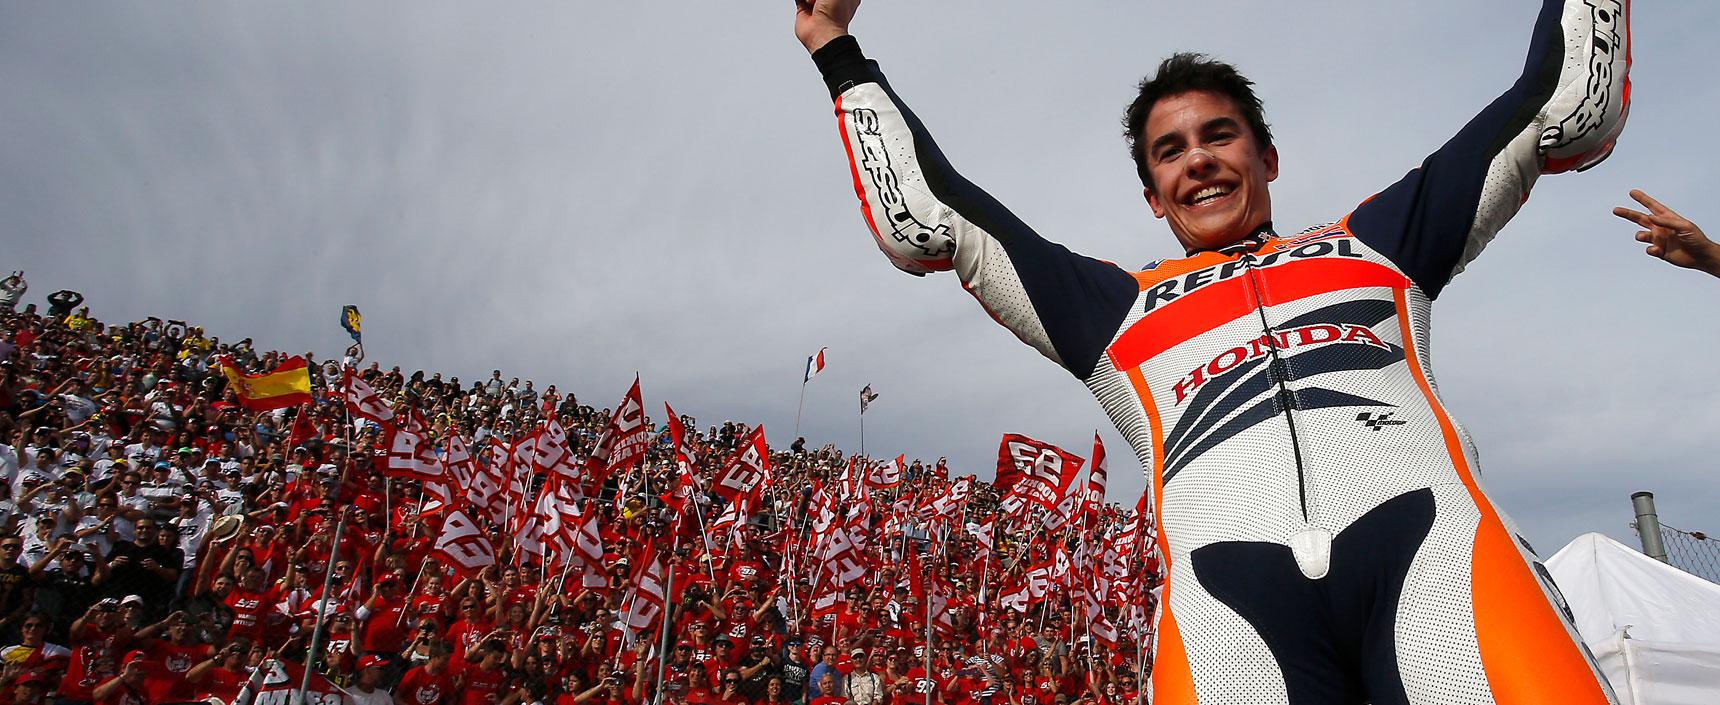 Con 20 años, Marc Márquez se convirtió en el piloto más jóven de la historia en lograr un Mundial de MotoGP